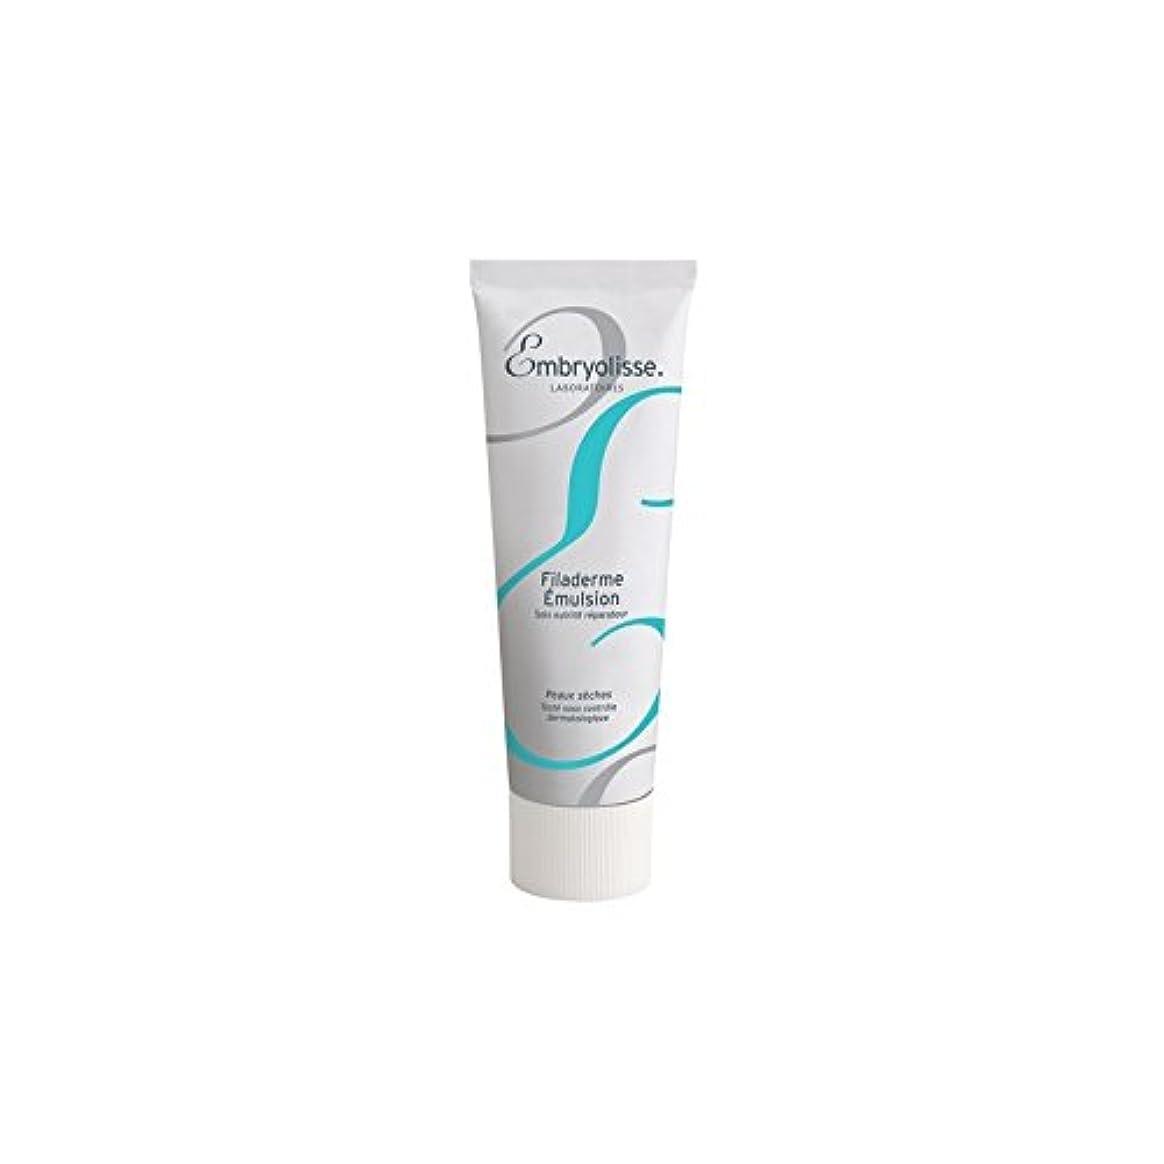 アソシエイト遠足チェスをするEmbryolisse Filaderme Emulsion (75ml) (Pack of 6) - エマルジョン(75ミリリットル) x6 [並行輸入品]